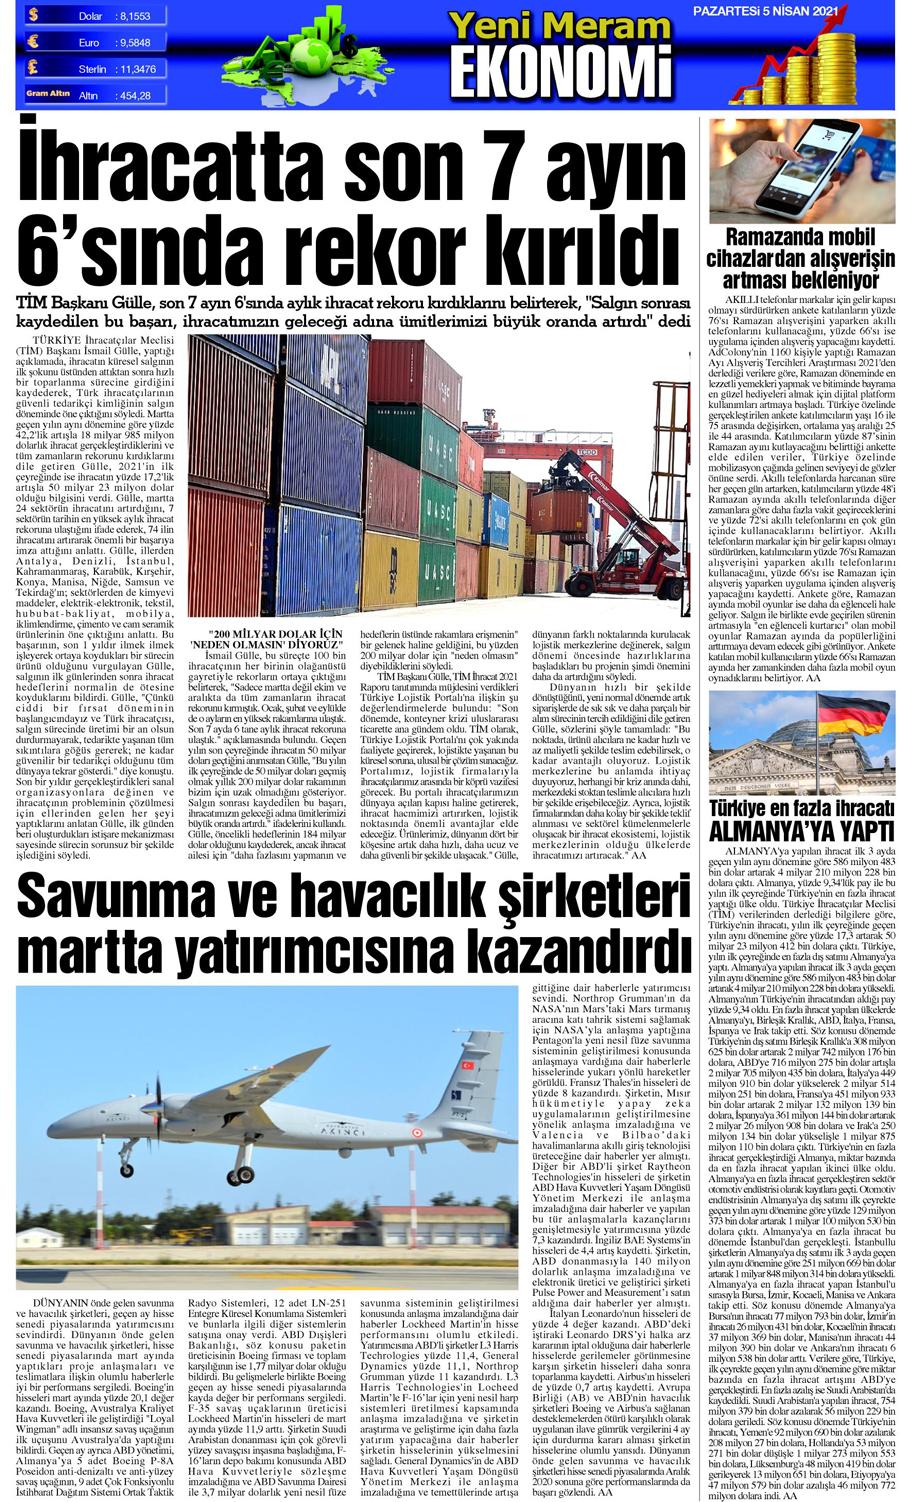 5 Nisan 2021 Yeni Meram Gazetesi